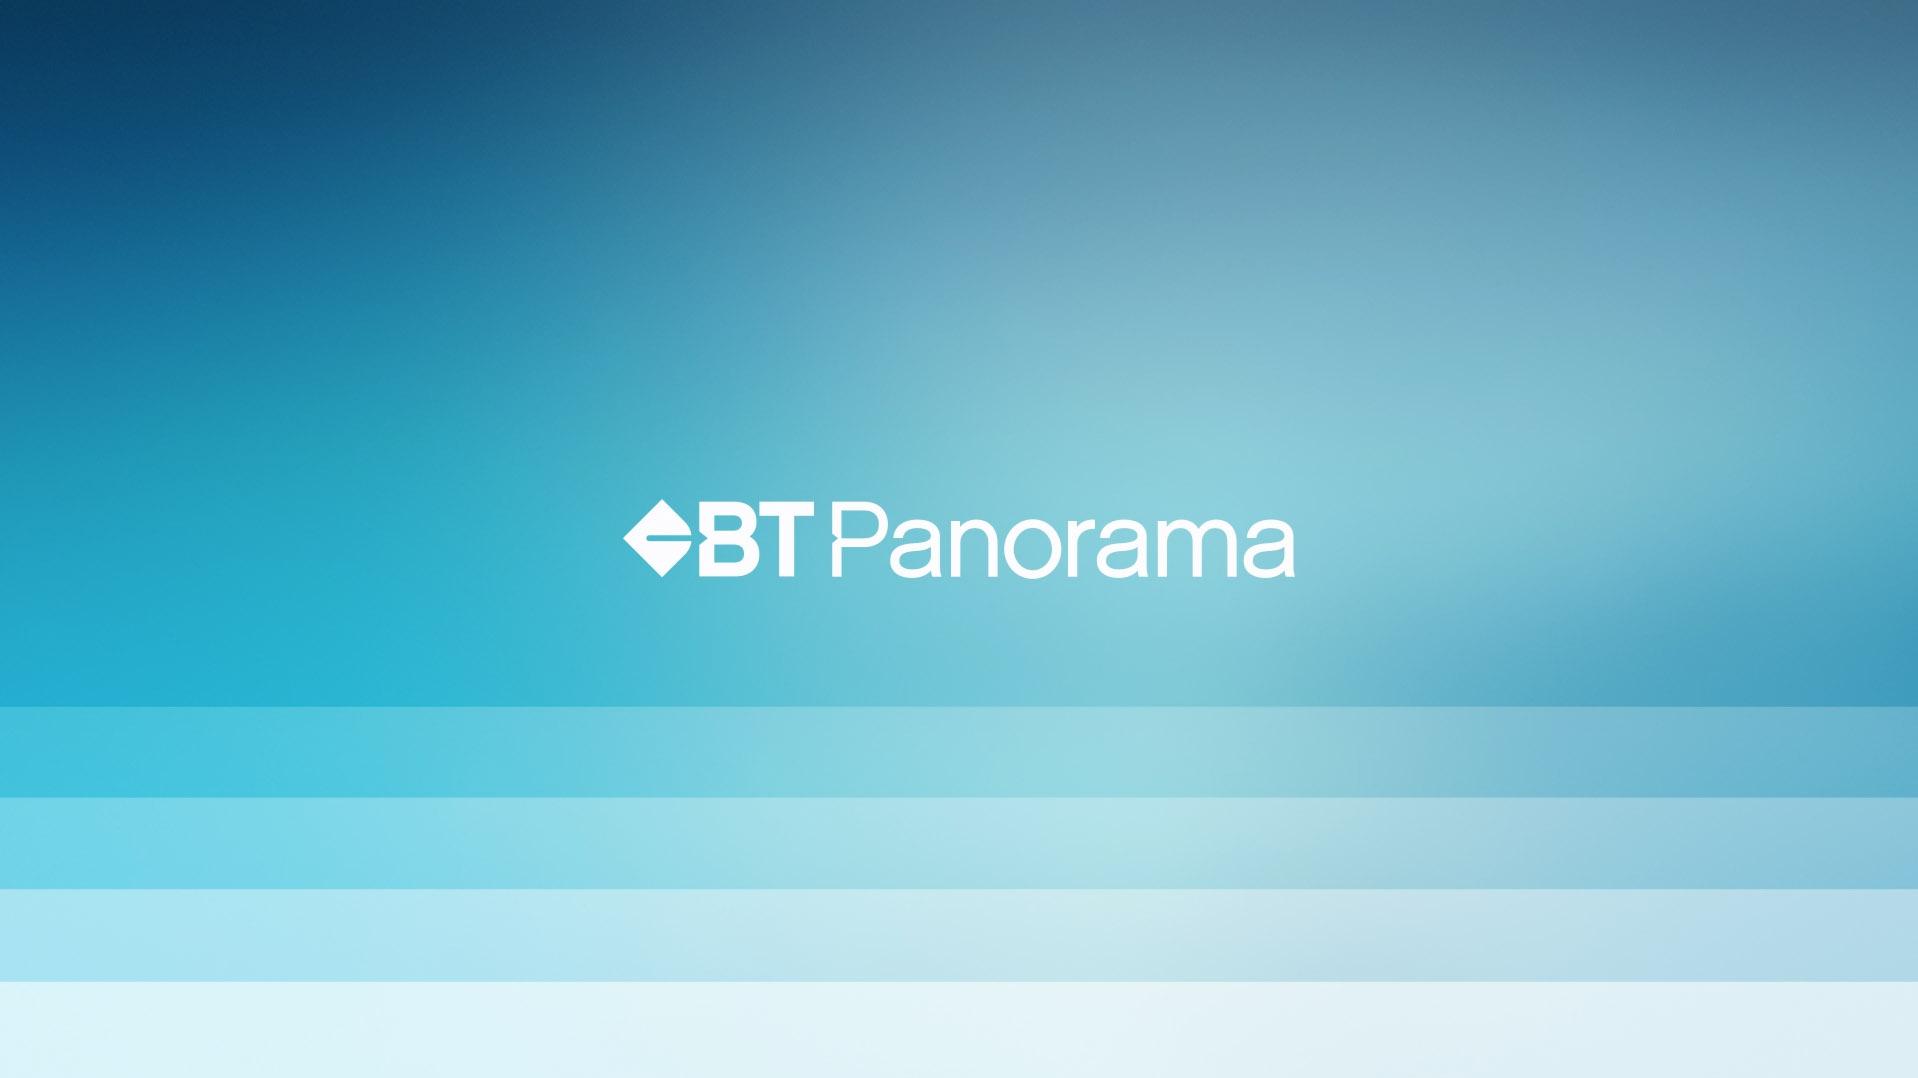 BT_Panorama_Screenshot__0004_Layer 5.jpg